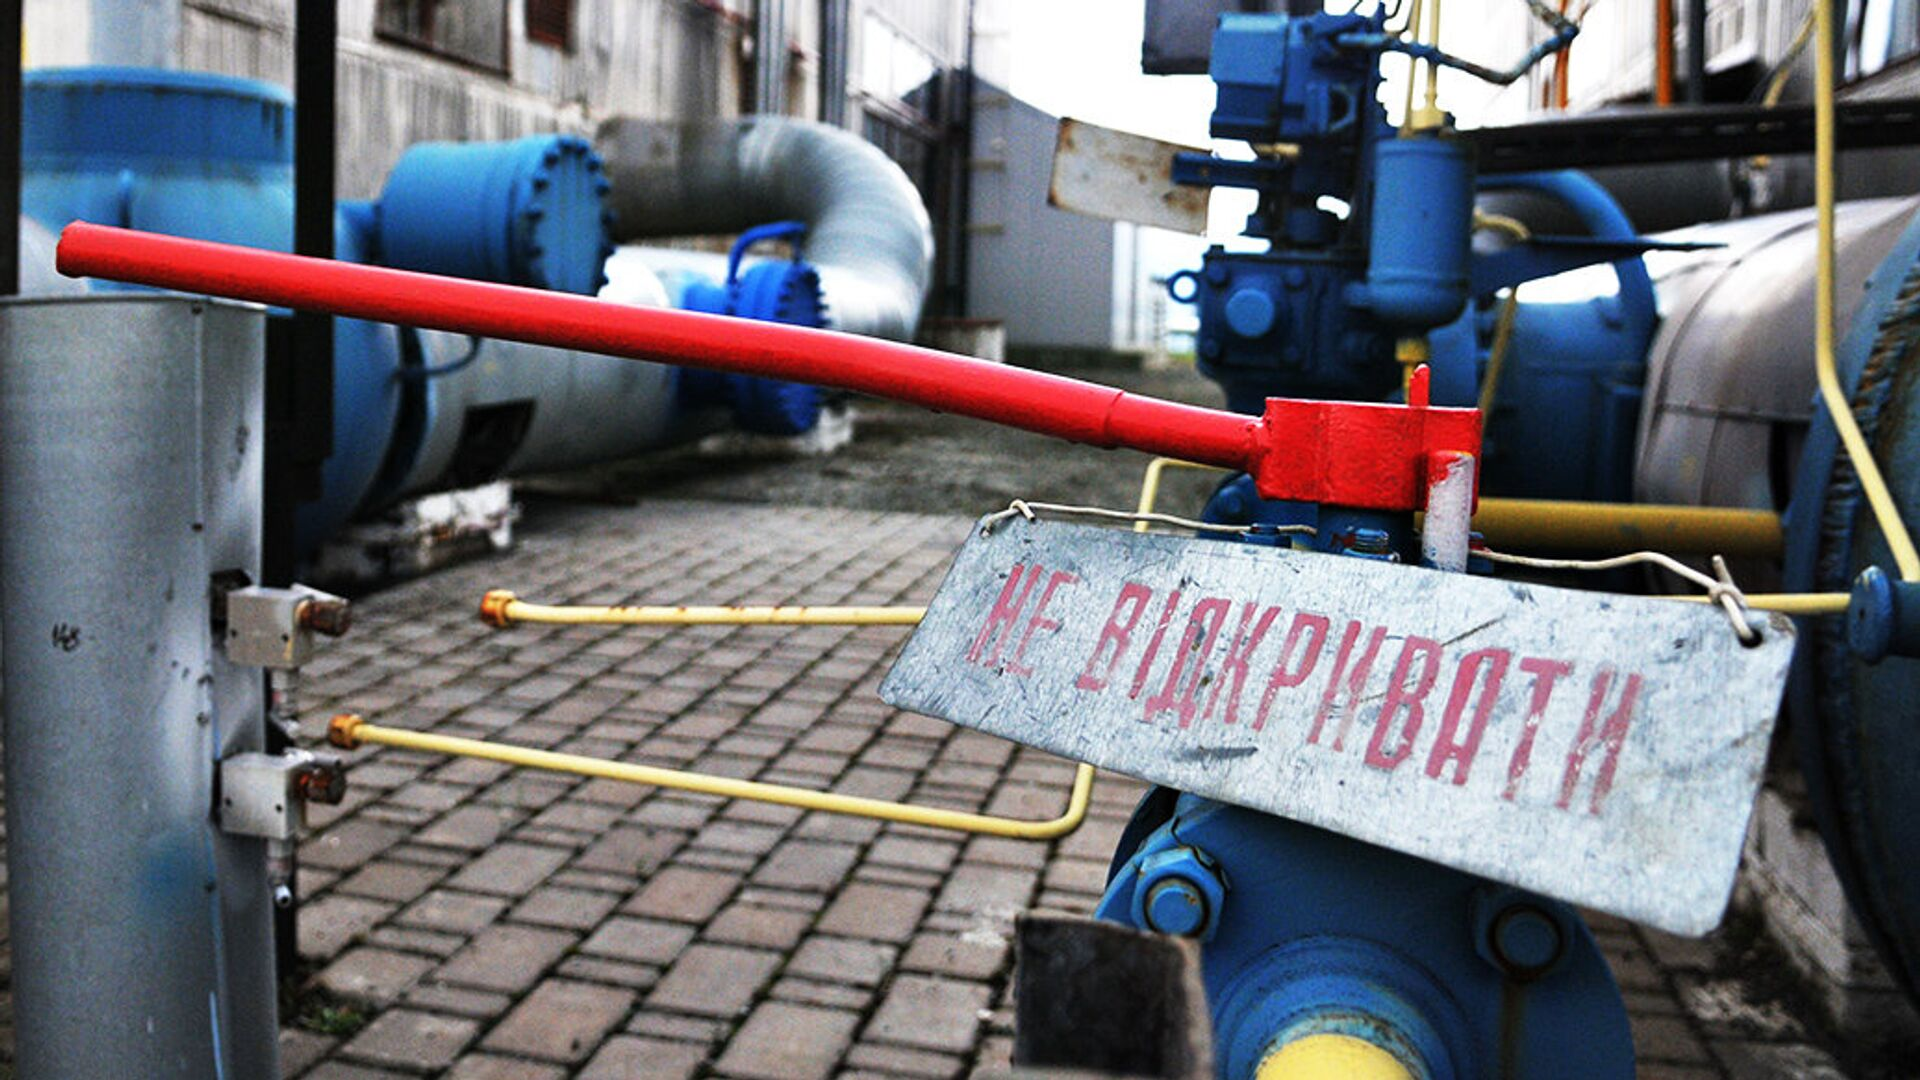 Газокомпрессорная станция в Закарпатской области Украины - РИА Новости, 1920, 25.07.2021